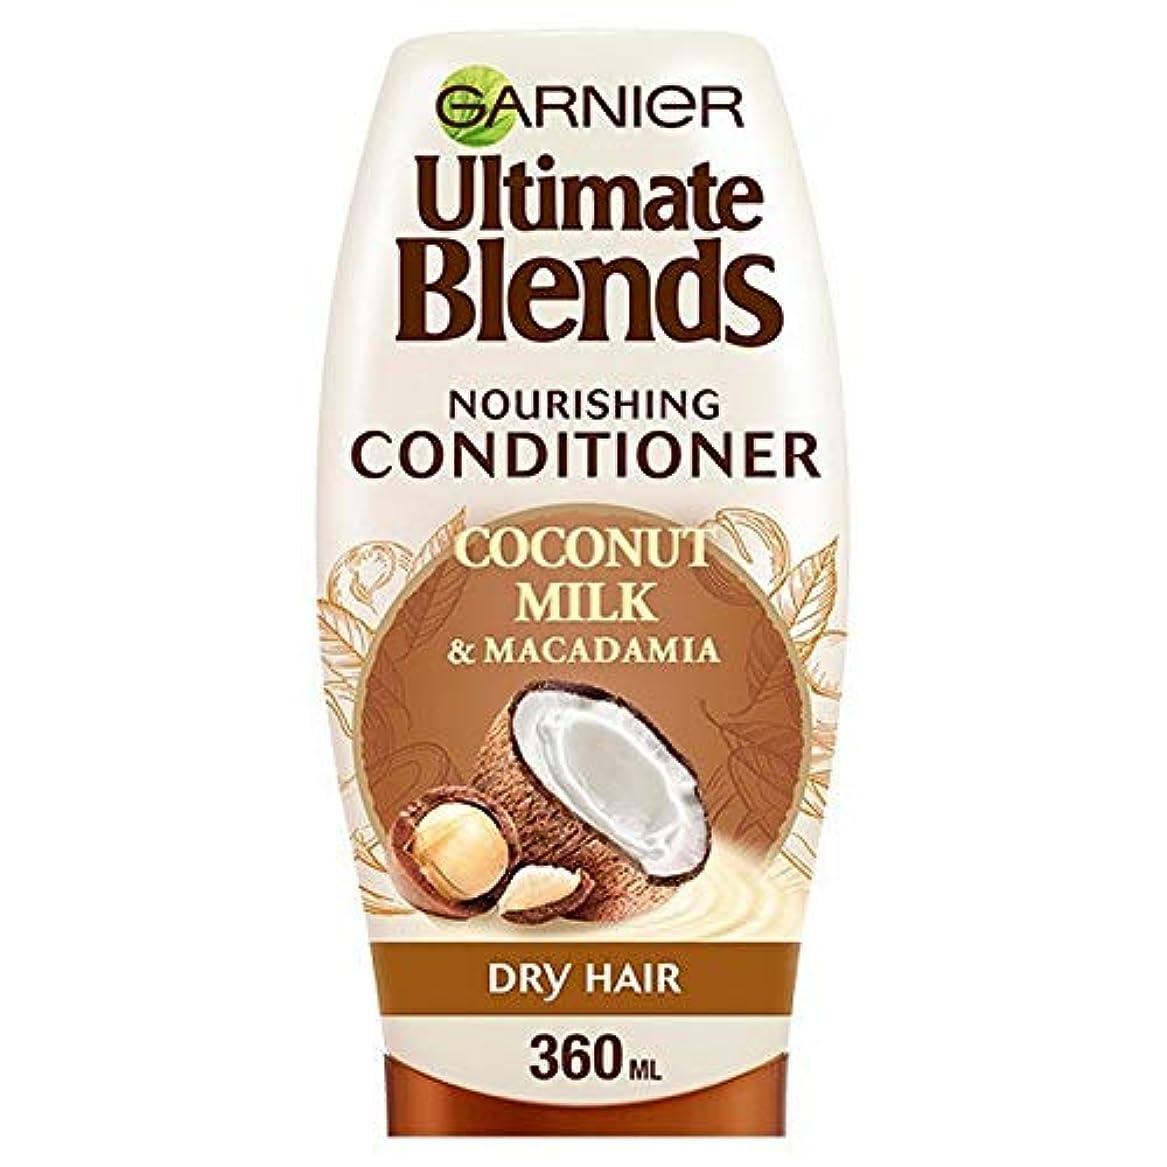 教会所持ストローク[Garnier ] 究極のブレンドココナッツミルクドライヘアコンディショナー360ミリリットル - Ultimate Blends Coconut Milk Dry Hair Conditioner 360ml [並行輸入品]